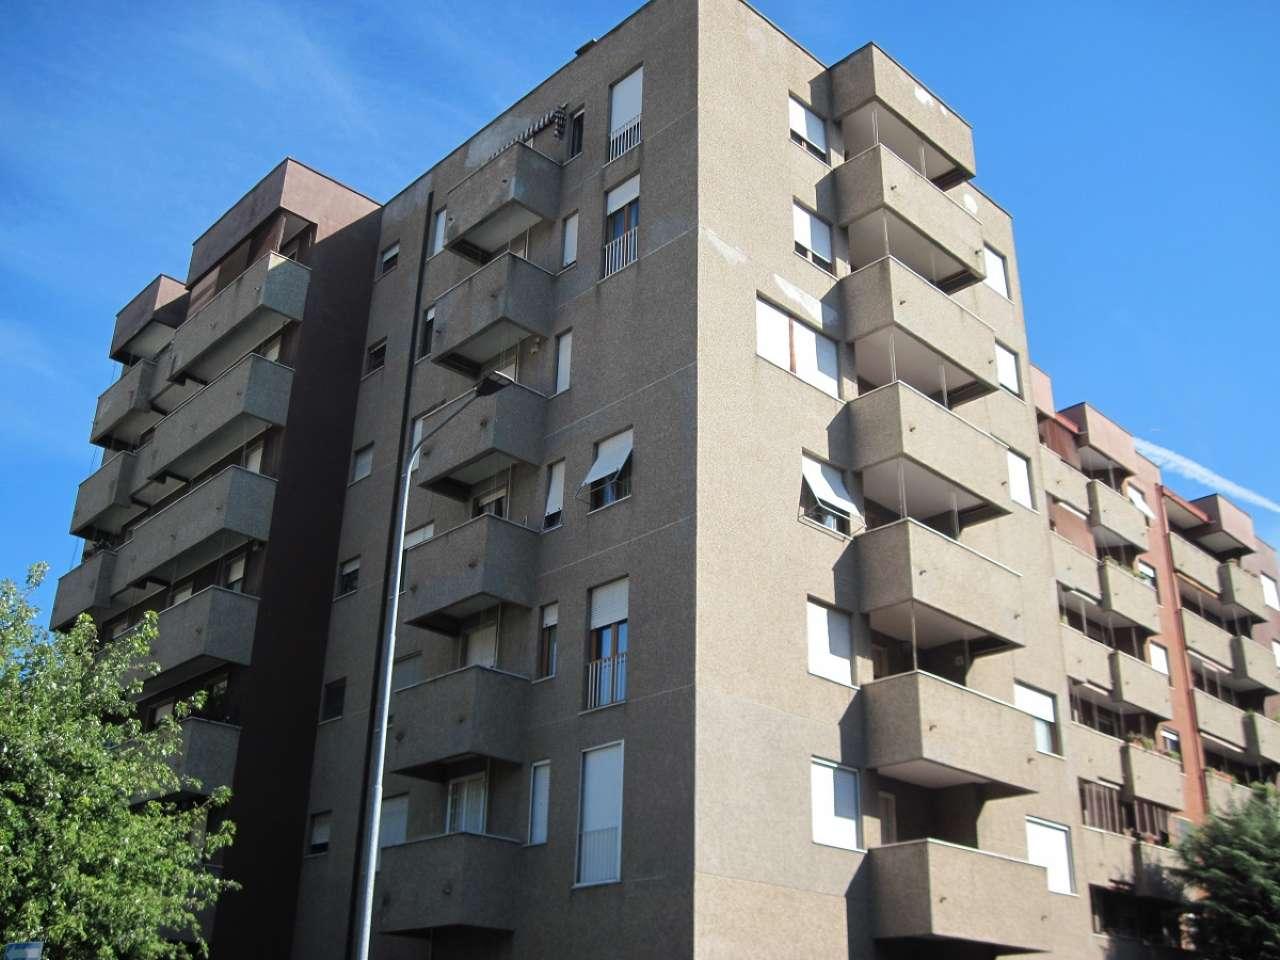 Appartamento in vendita a Bresso, 3 locali, prezzo € 210.000 | CambioCasa.it